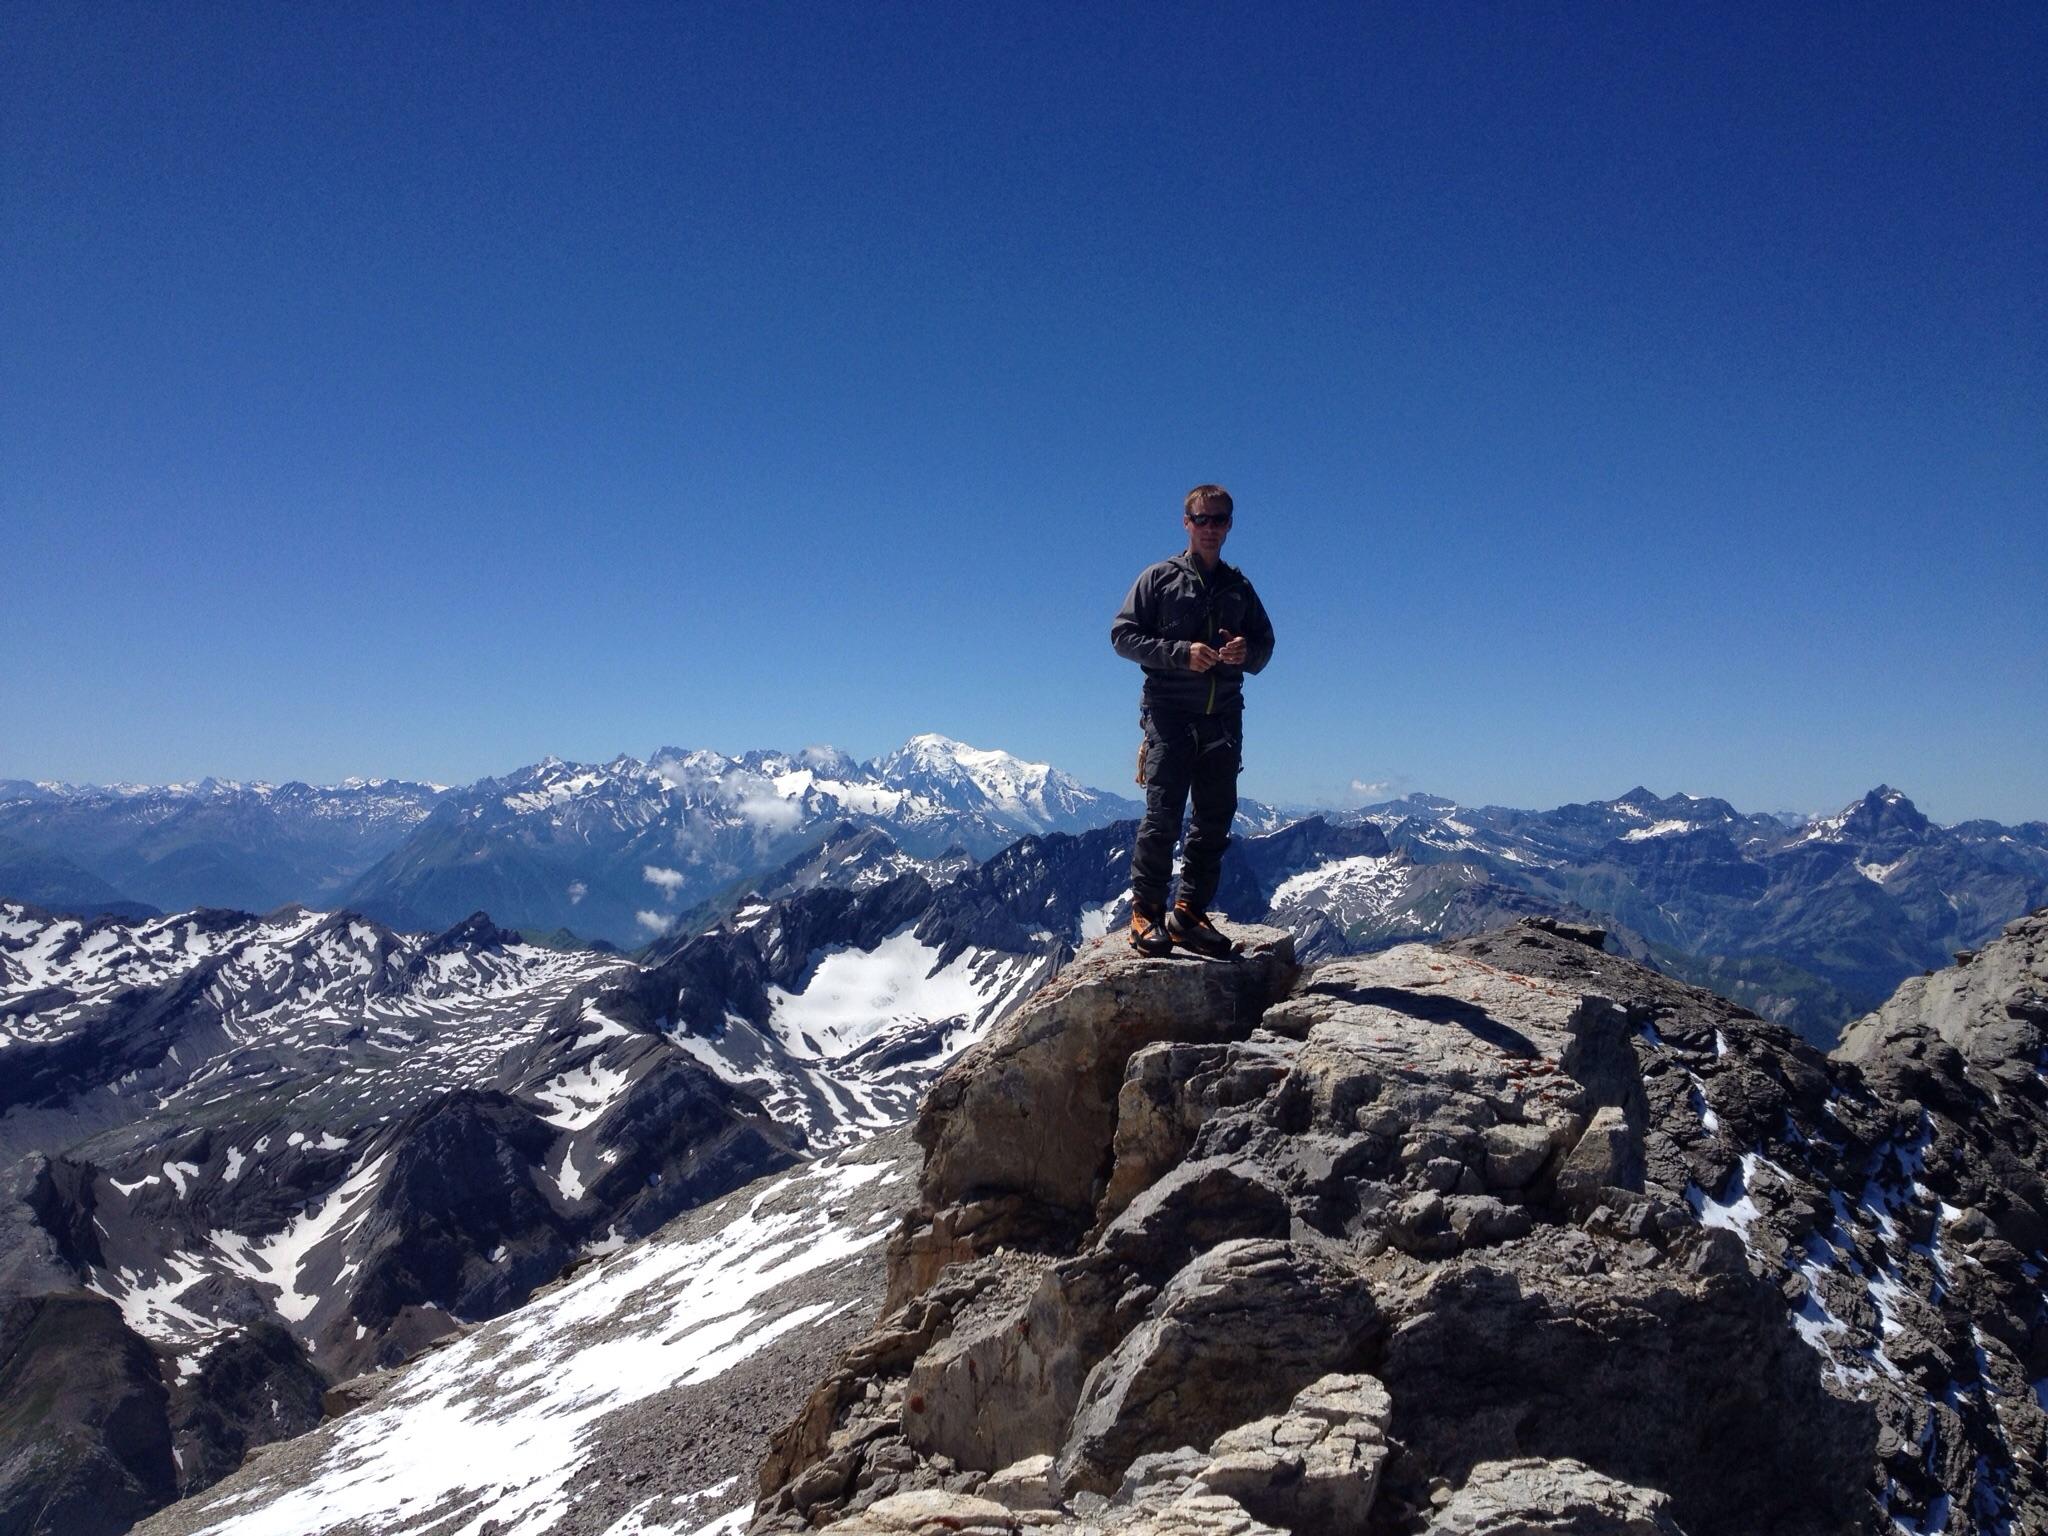 Gipfelfoto mit Peter und Montblanc